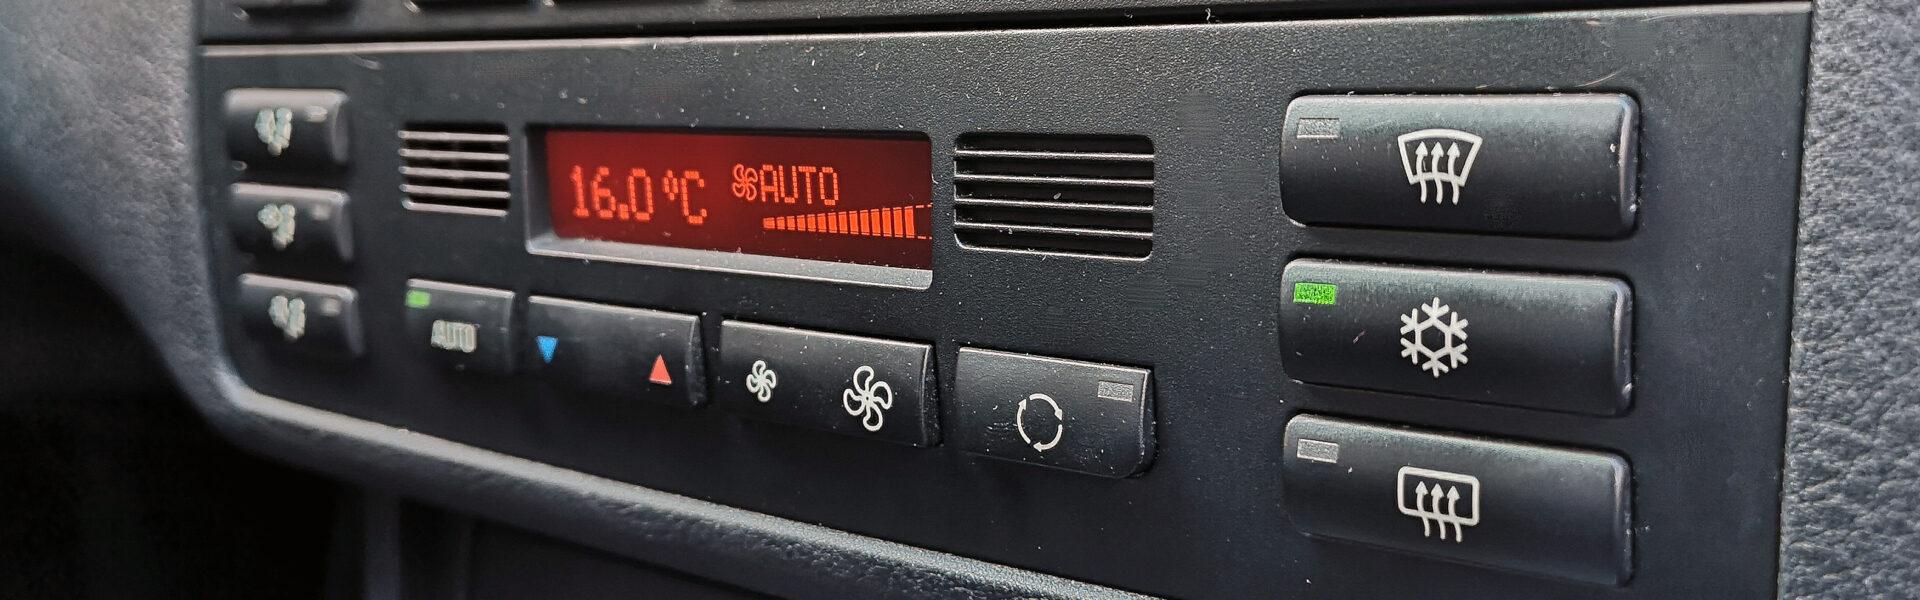 samodzielne odgrzybianie klimatyzacji samochodowej